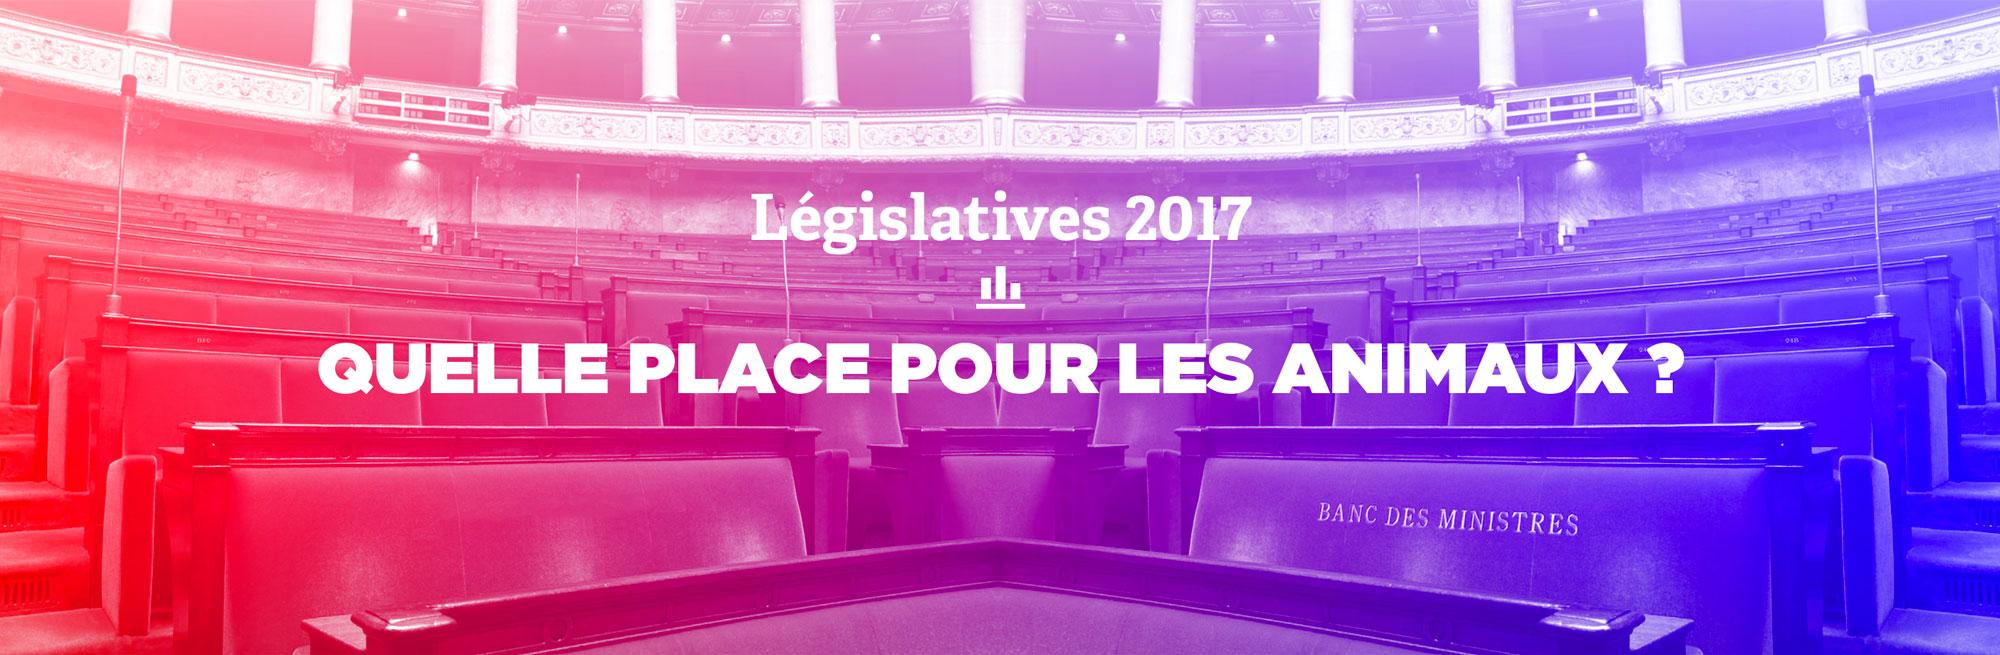 Élections législatives 2017 : quelle place pour les animaux?